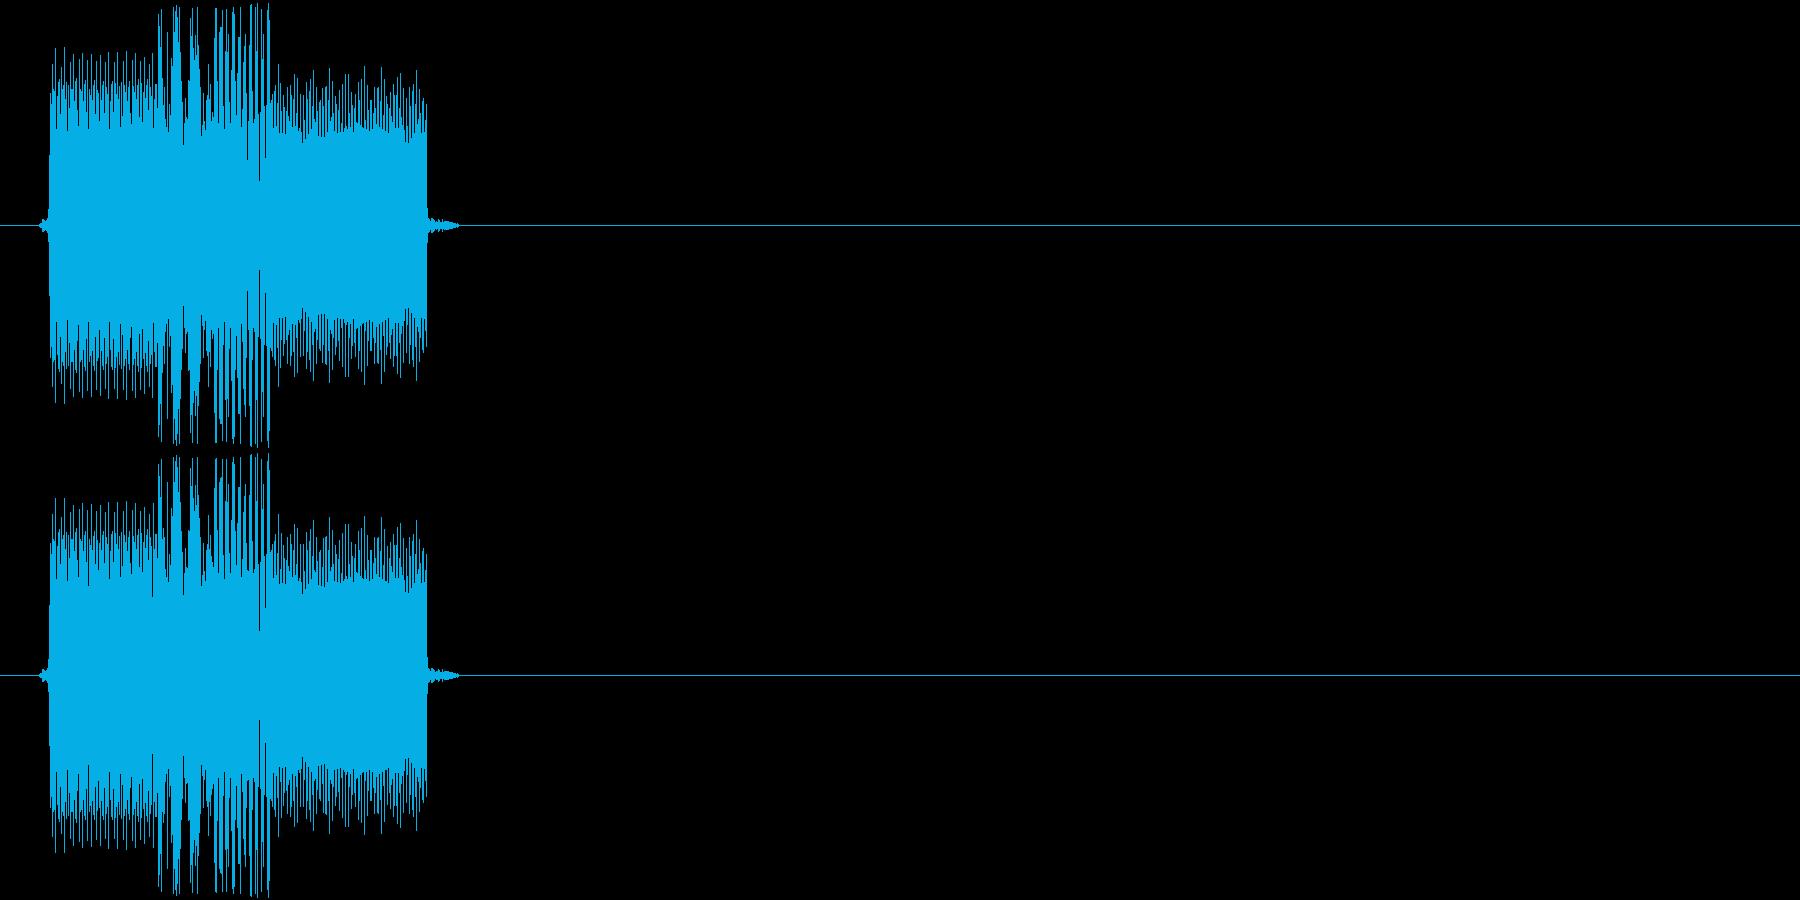 チャララッ↑(決定音、起動音、機械)の再生済みの波形